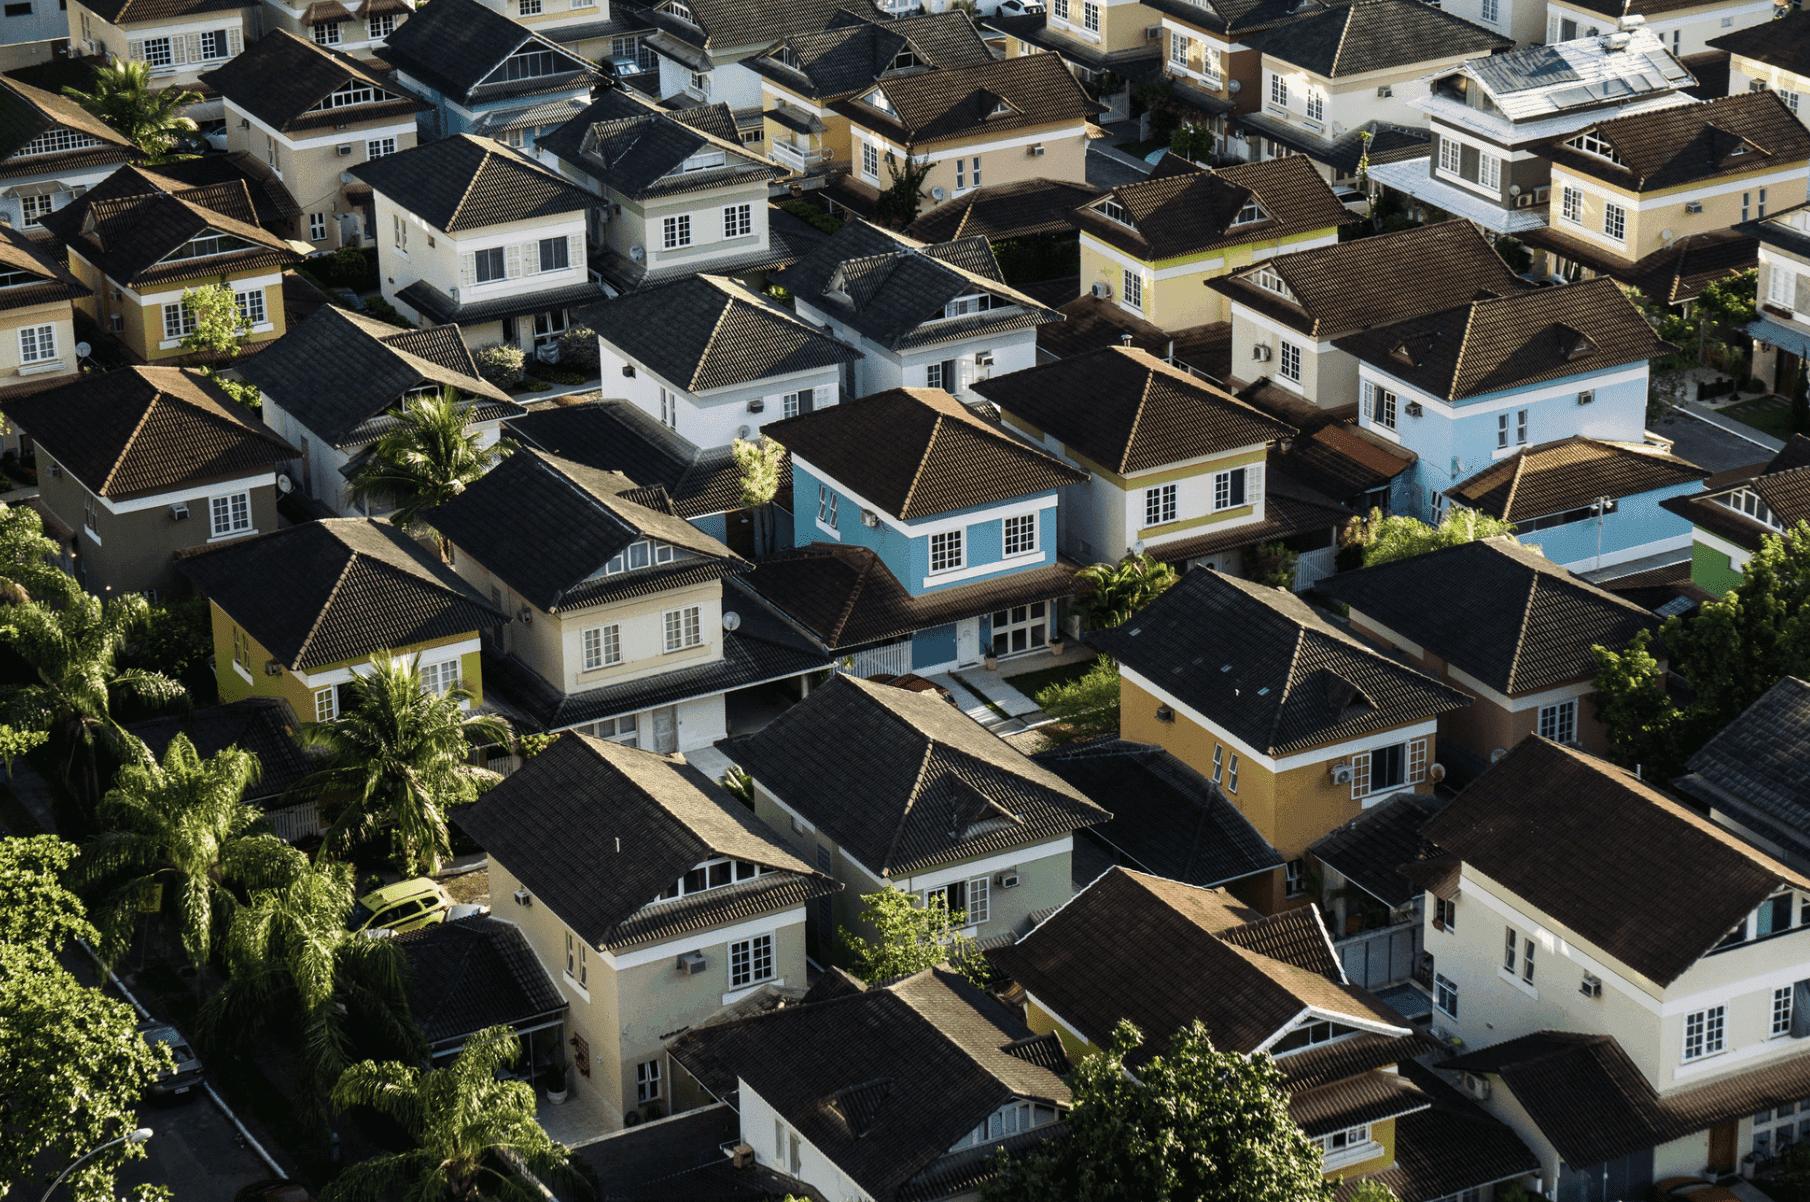 wohnungsbaugenossenschaften hamburg immobilieninvestor